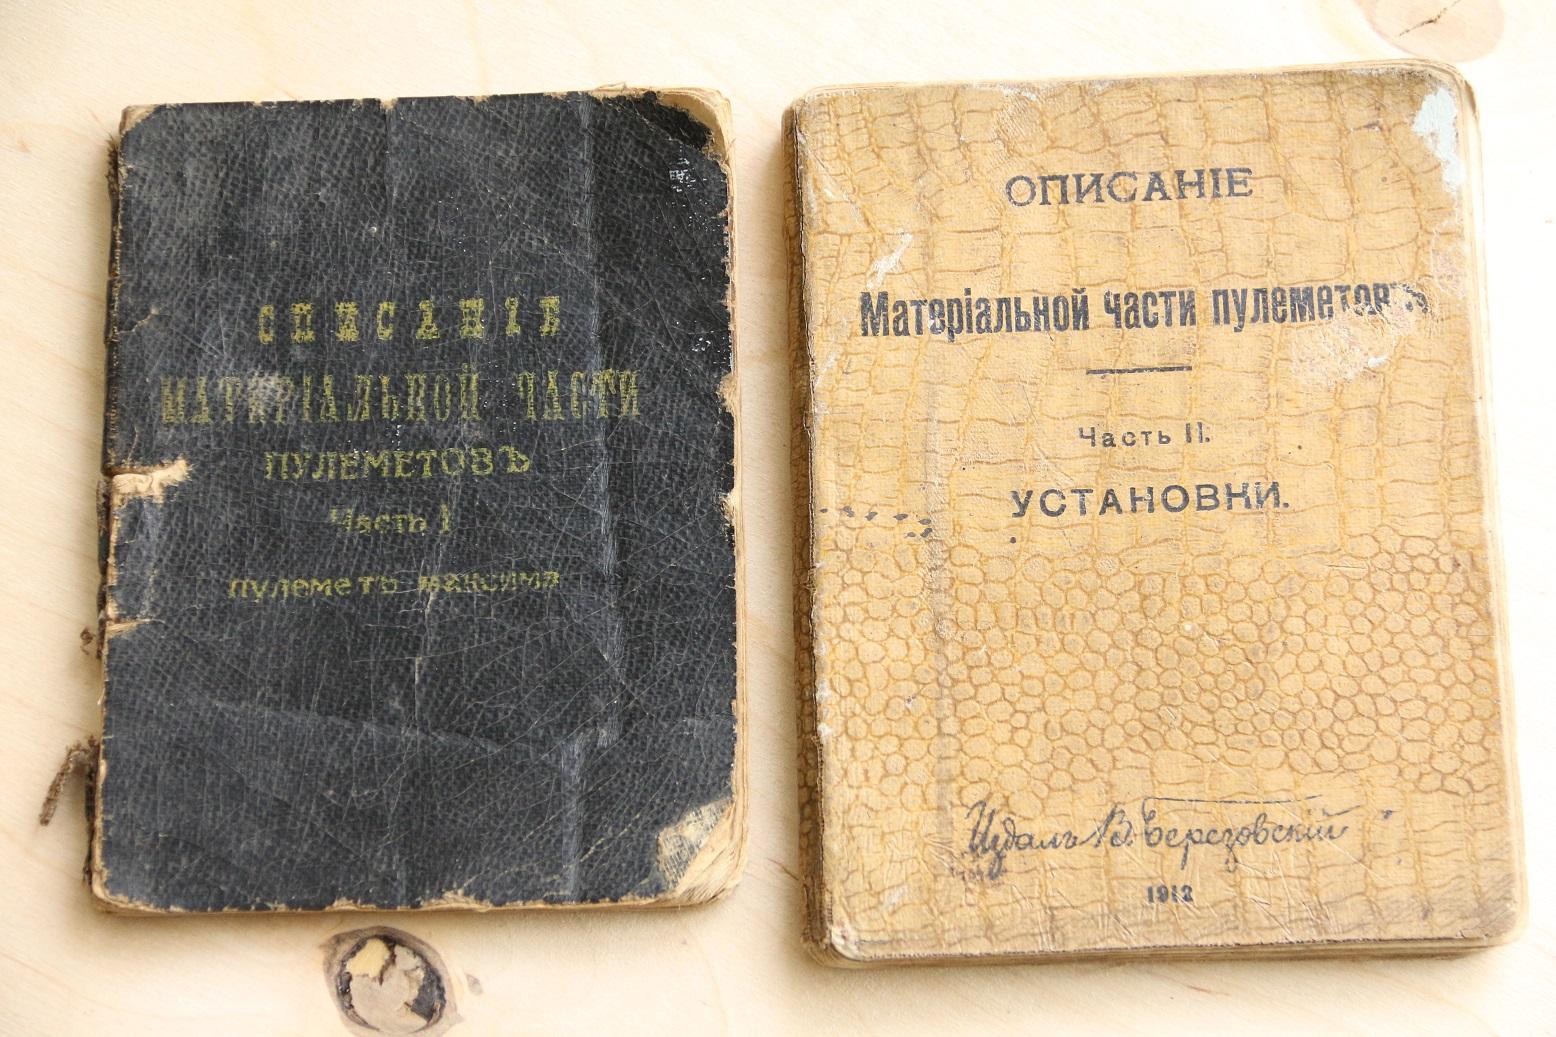 «Описание материальной части пулемет Максим», обе части, 1912 год